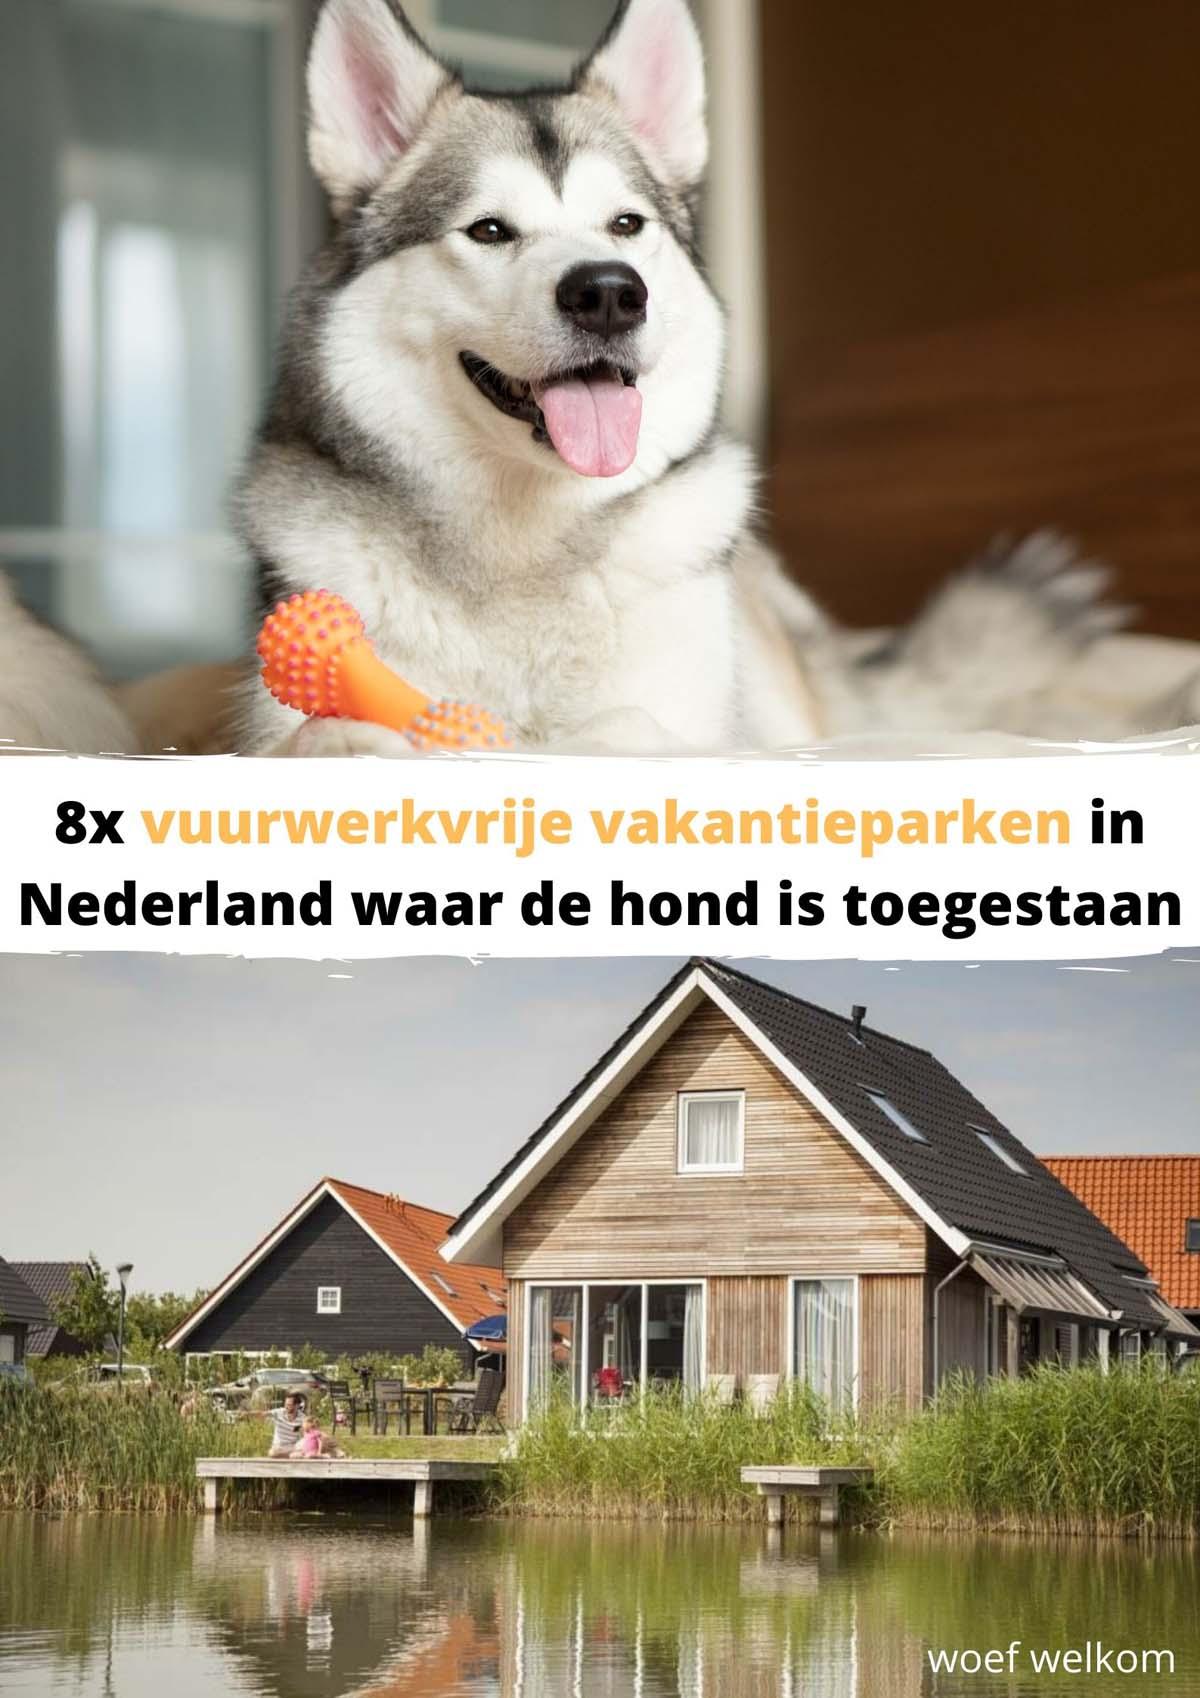 8x vuurwerkvrije vakantieparken in Nederland waar de hond is toegestaan